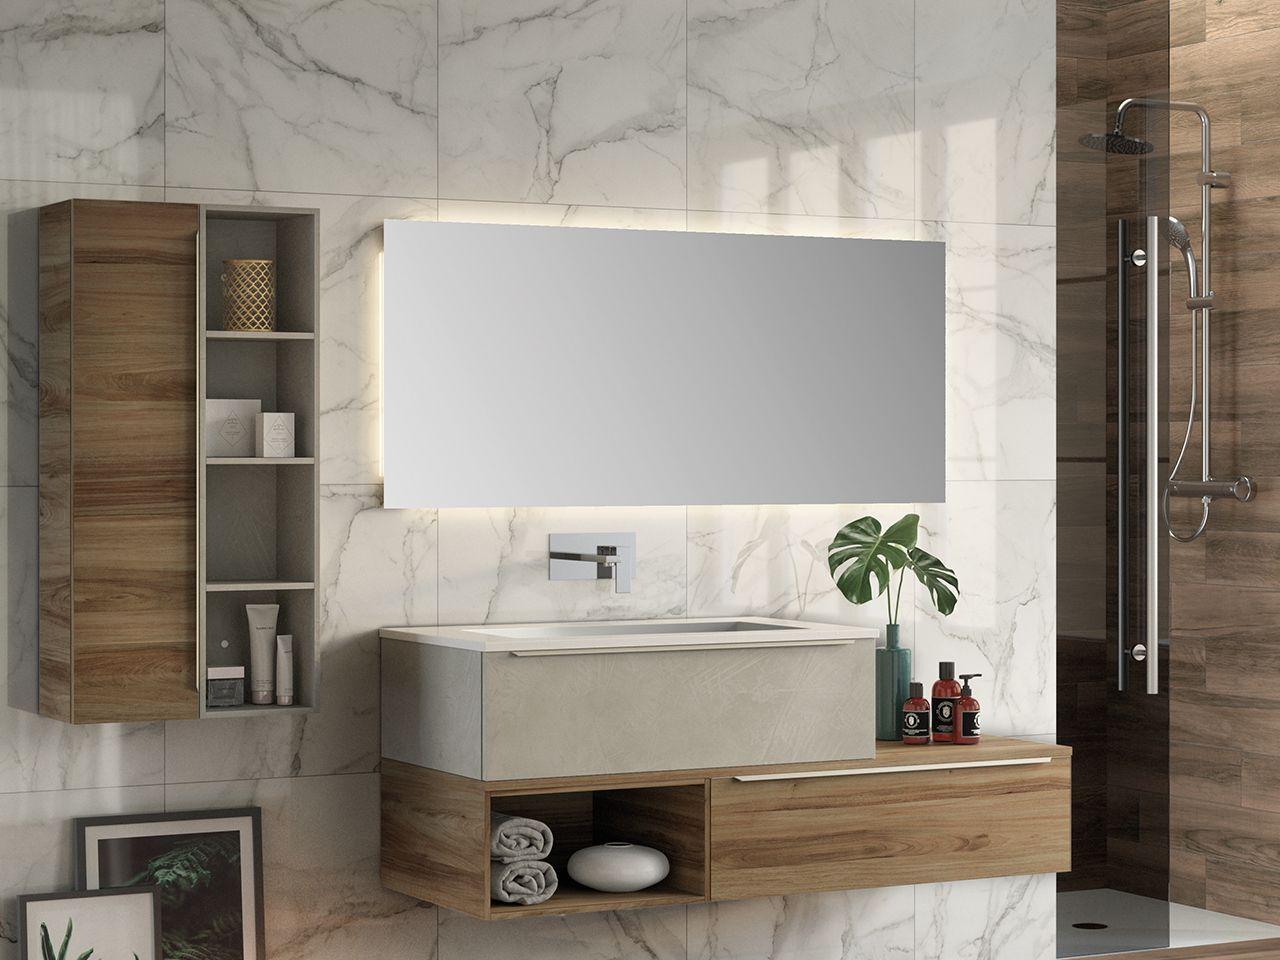 Mobile Bagno Trendy 141 Cm 2 Cassetti Lavabo Resina Bianco Lucido Iperceramica Mobile Bagno Bagno Cassettiere